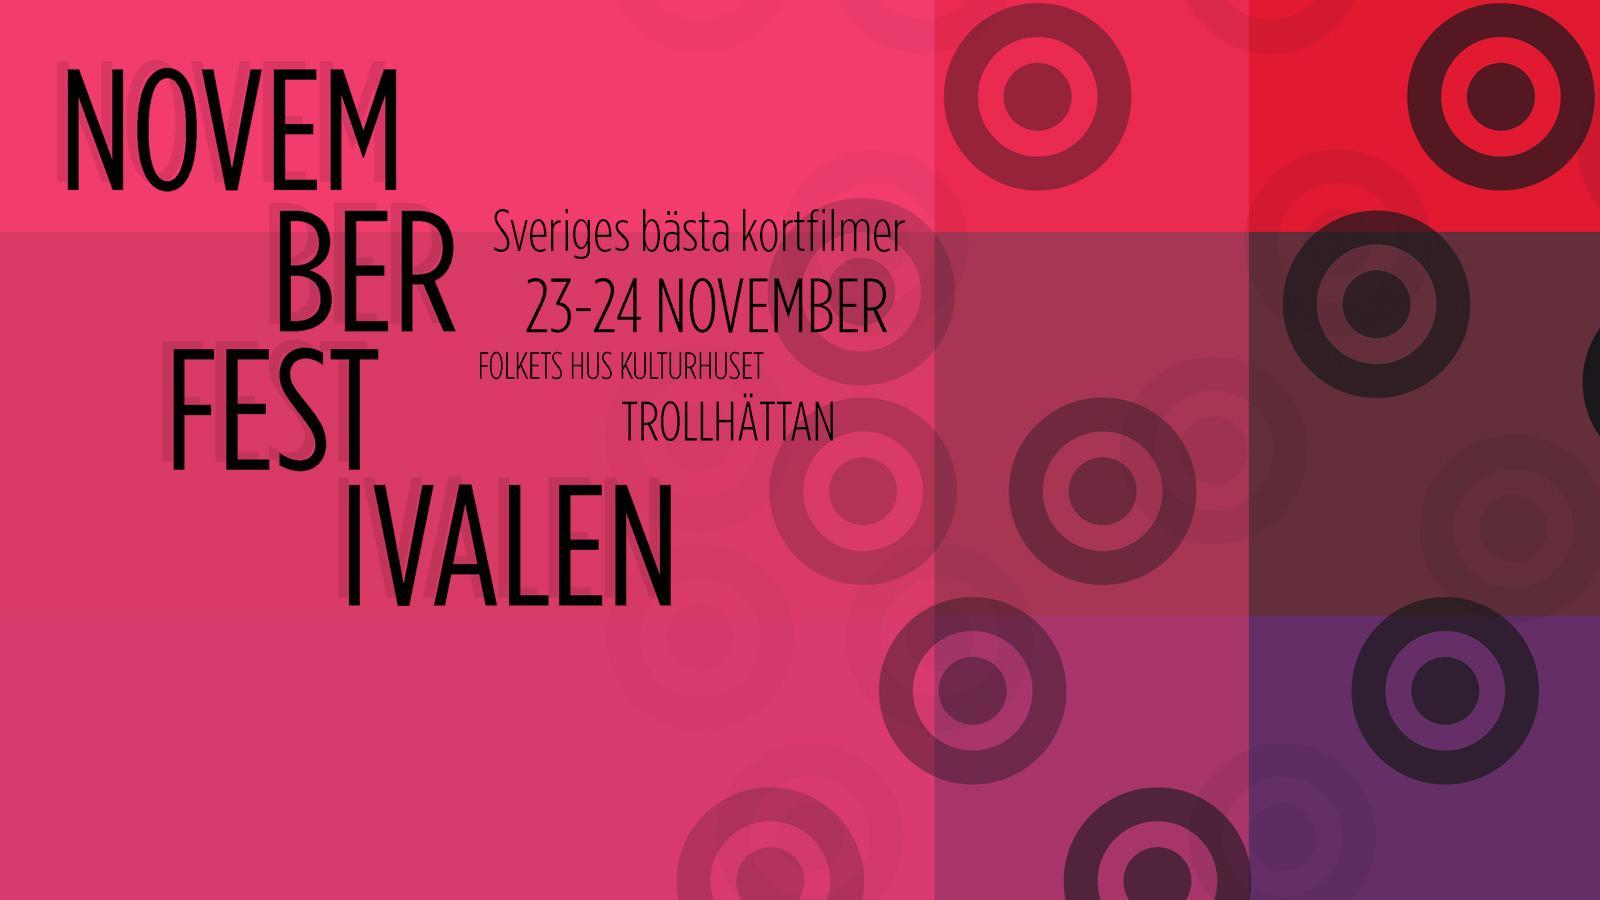 Novemberfestivalen 2018